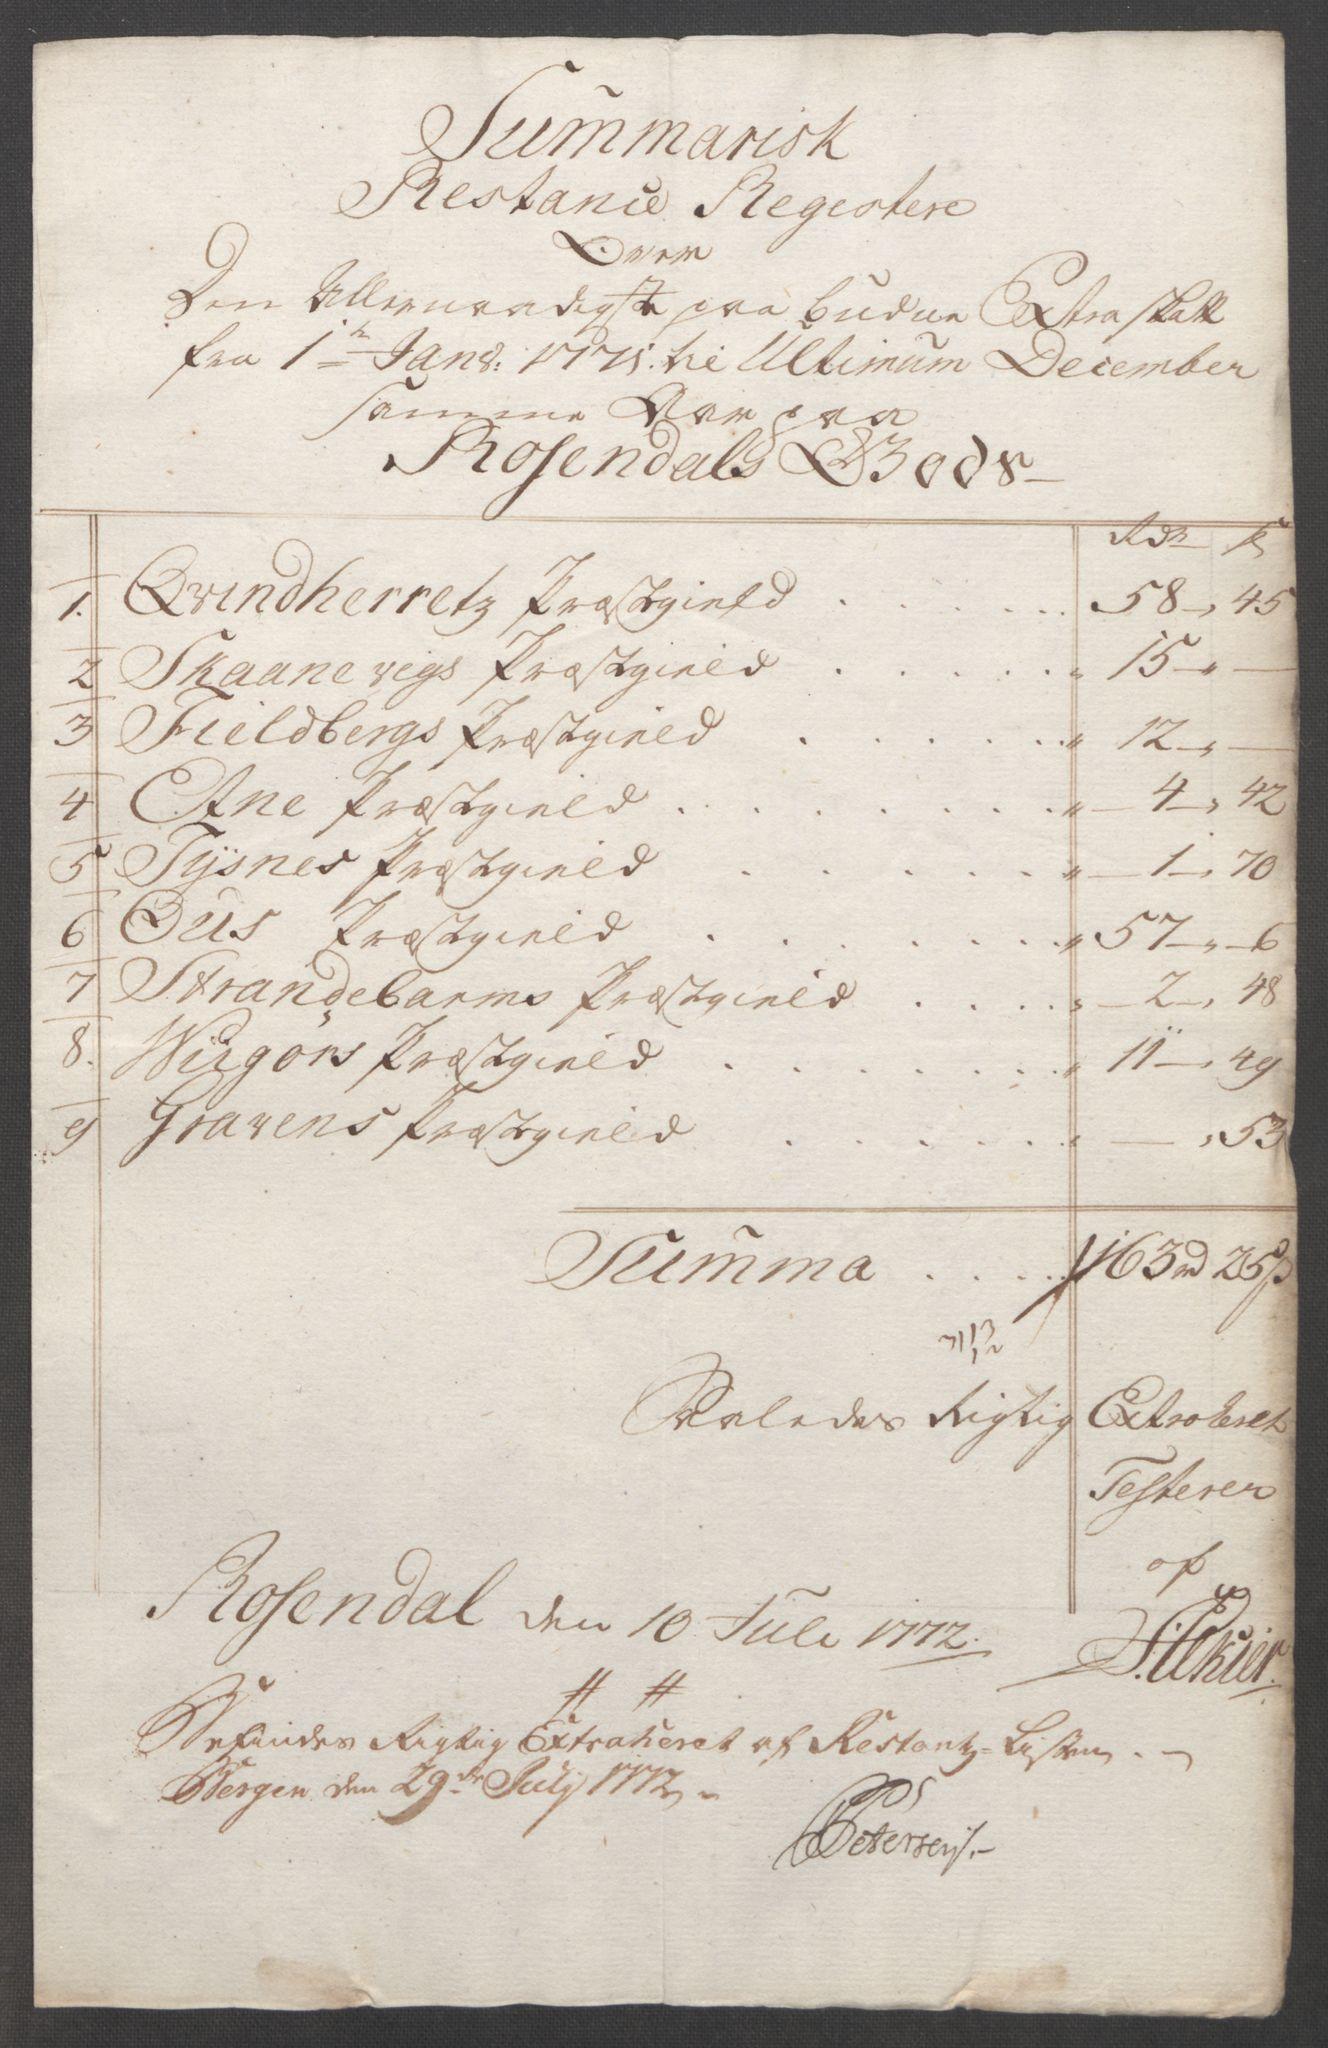 RA, Rentekammeret inntil 1814, Reviderte regnskaper, Fogderegnskap, R49/L3157: Ekstraskatten Rosendal Baroni, 1762-1772, s. 350